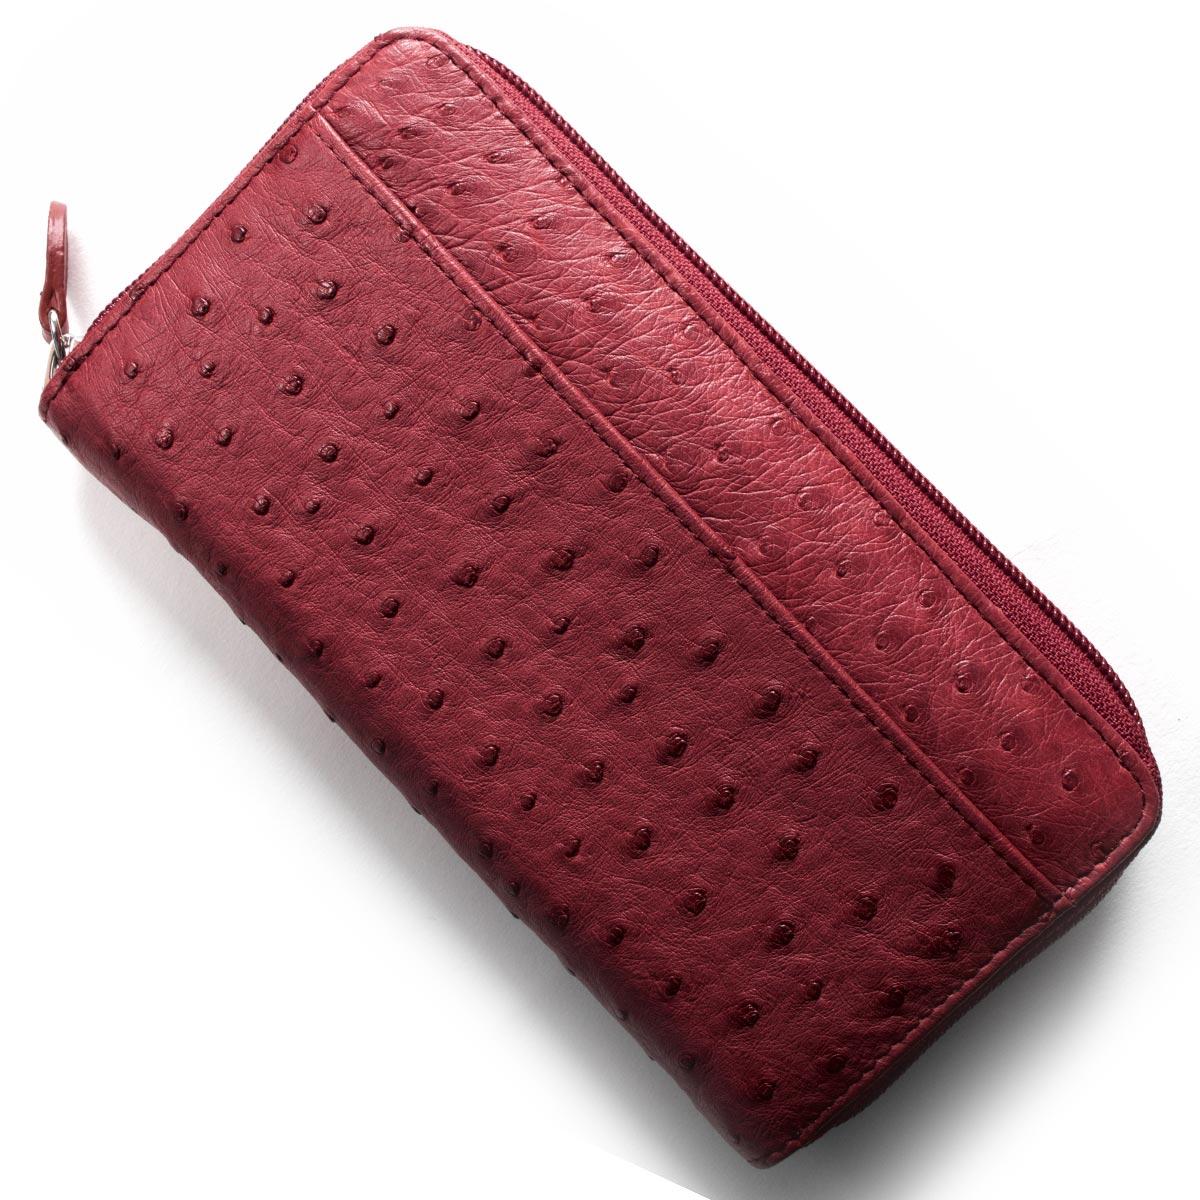 本革 長財布 財布 レディース オーストリッチ レッド OKN1824H CRD Leather